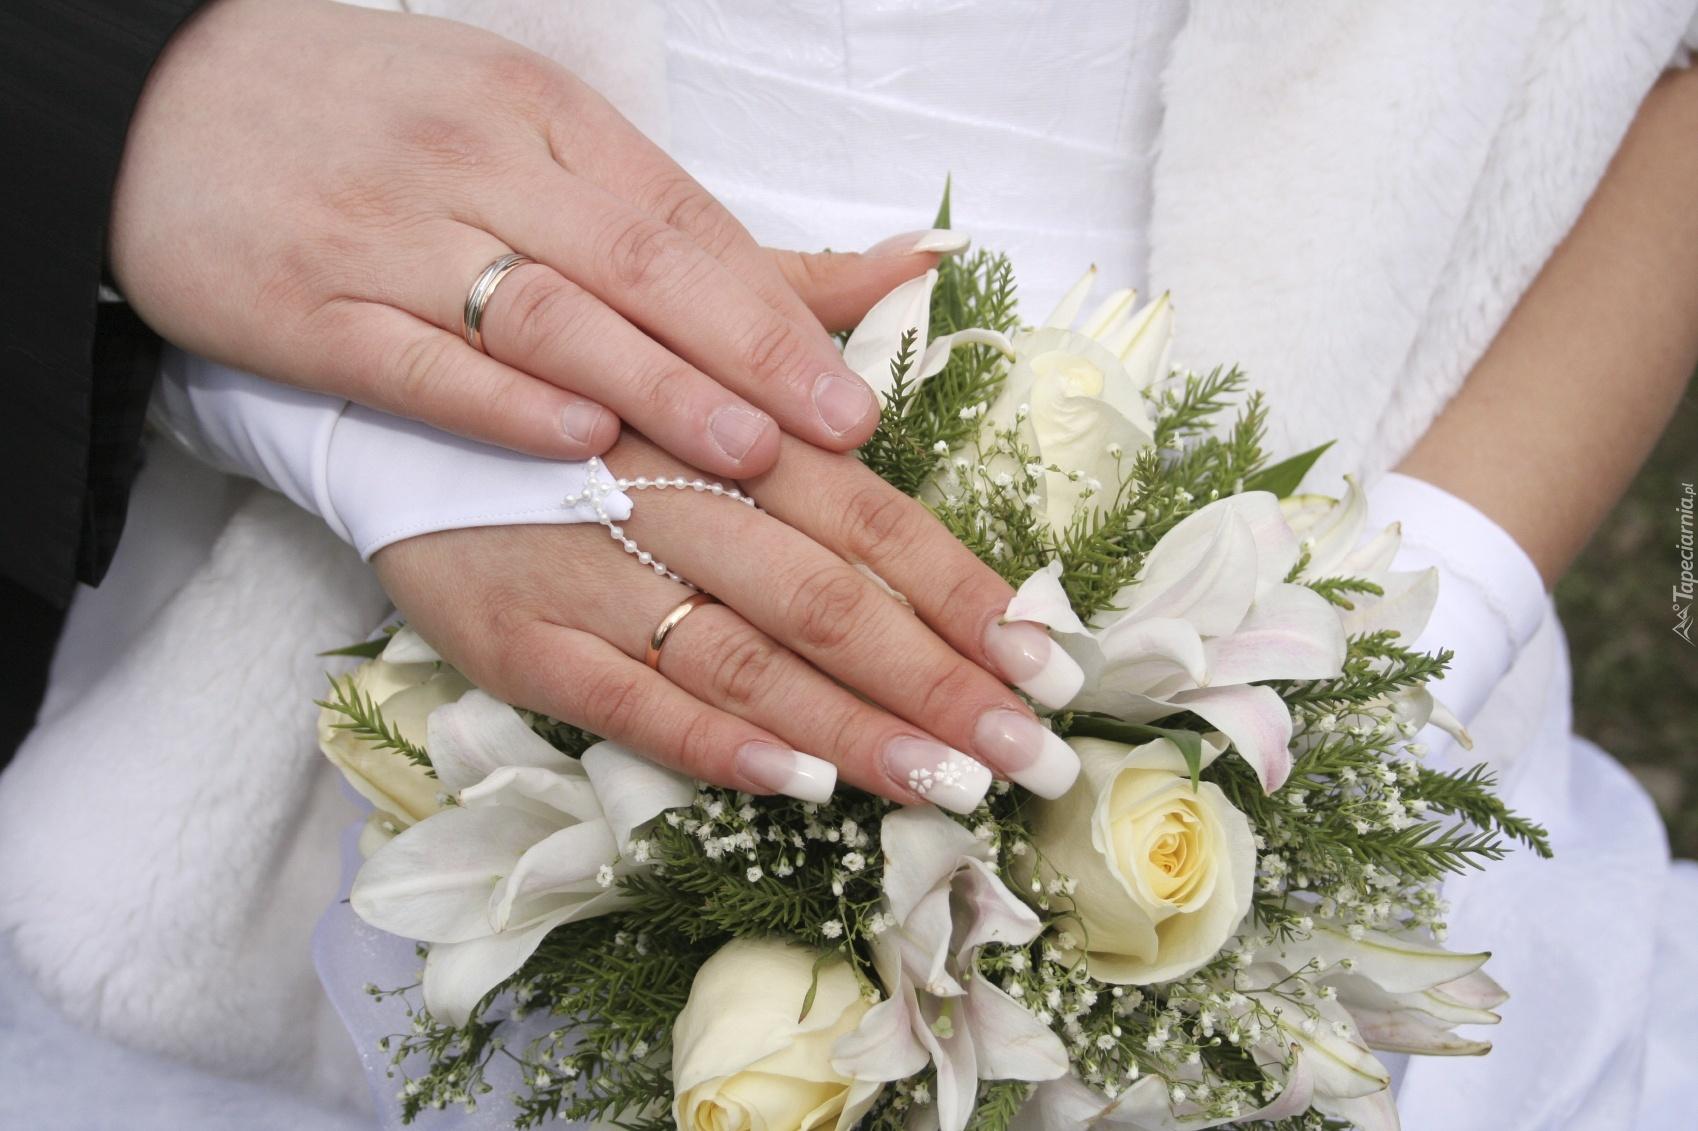 Свадебный мани-кюр идеально подходит для полета фантазий, ведь невеста